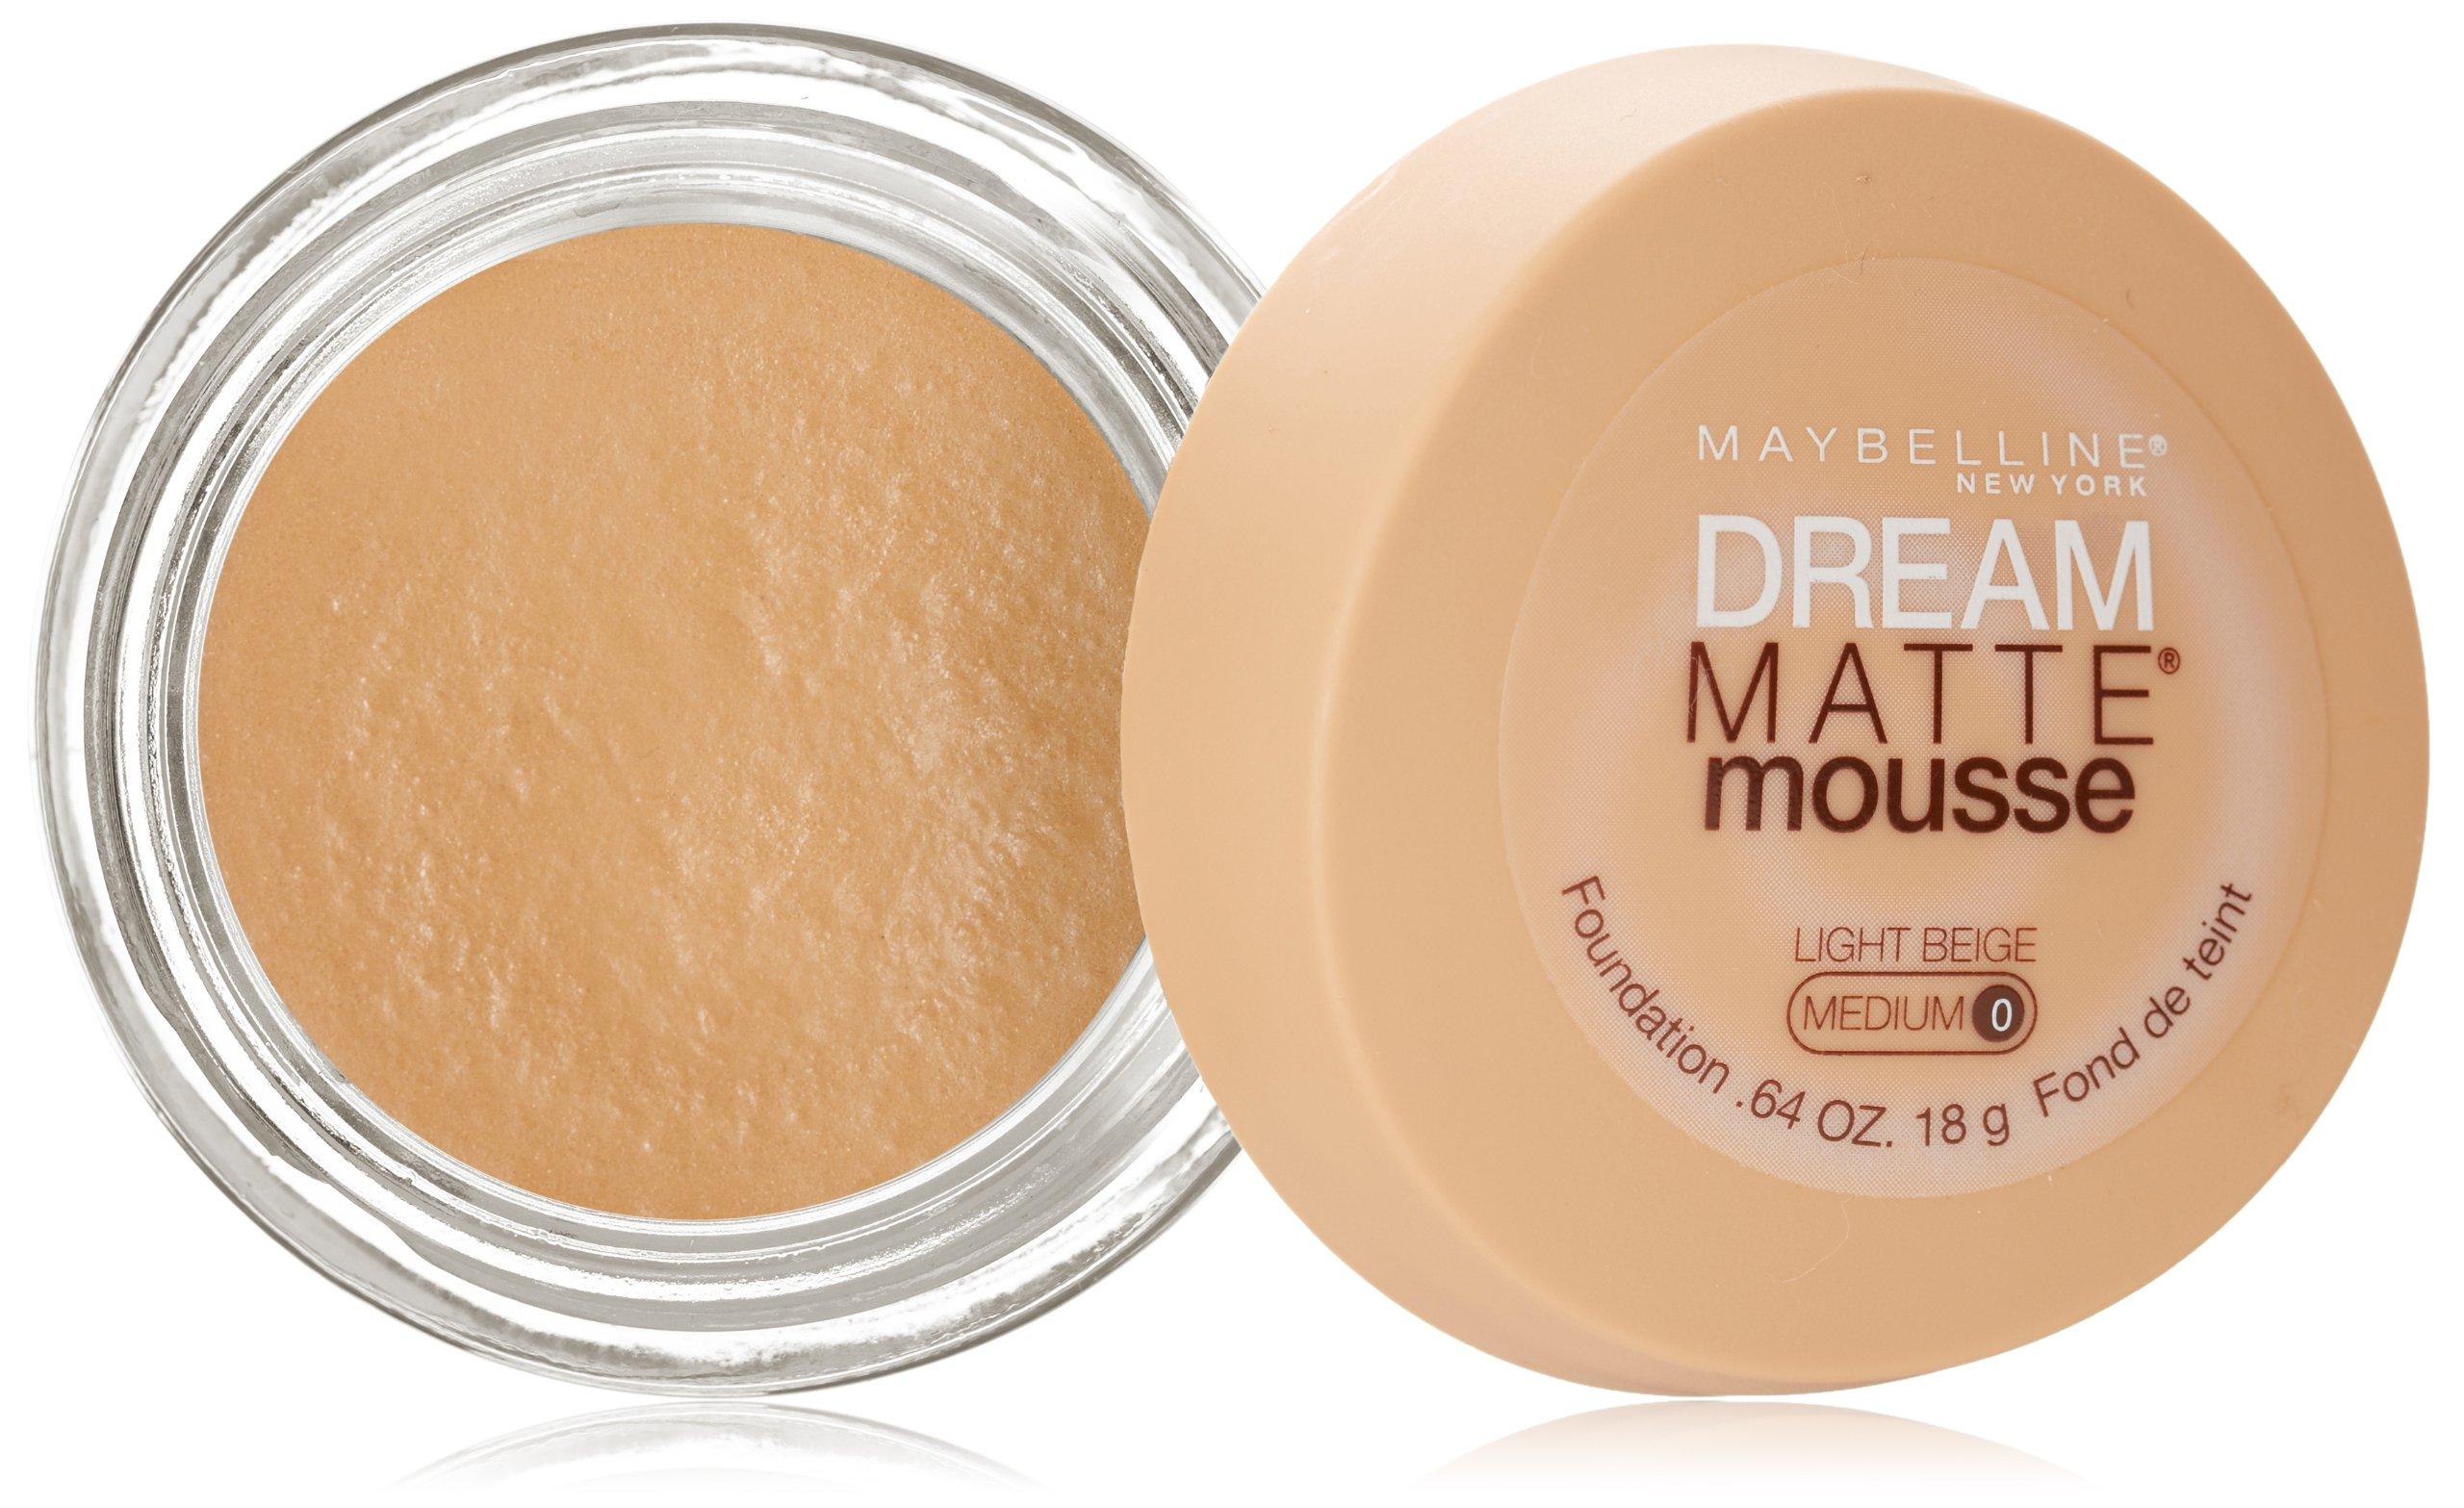 maybelline dream matte mousse foundation natural beige fl oz foundation. Black Bedroom Furniture Sets. Home Design Ideas